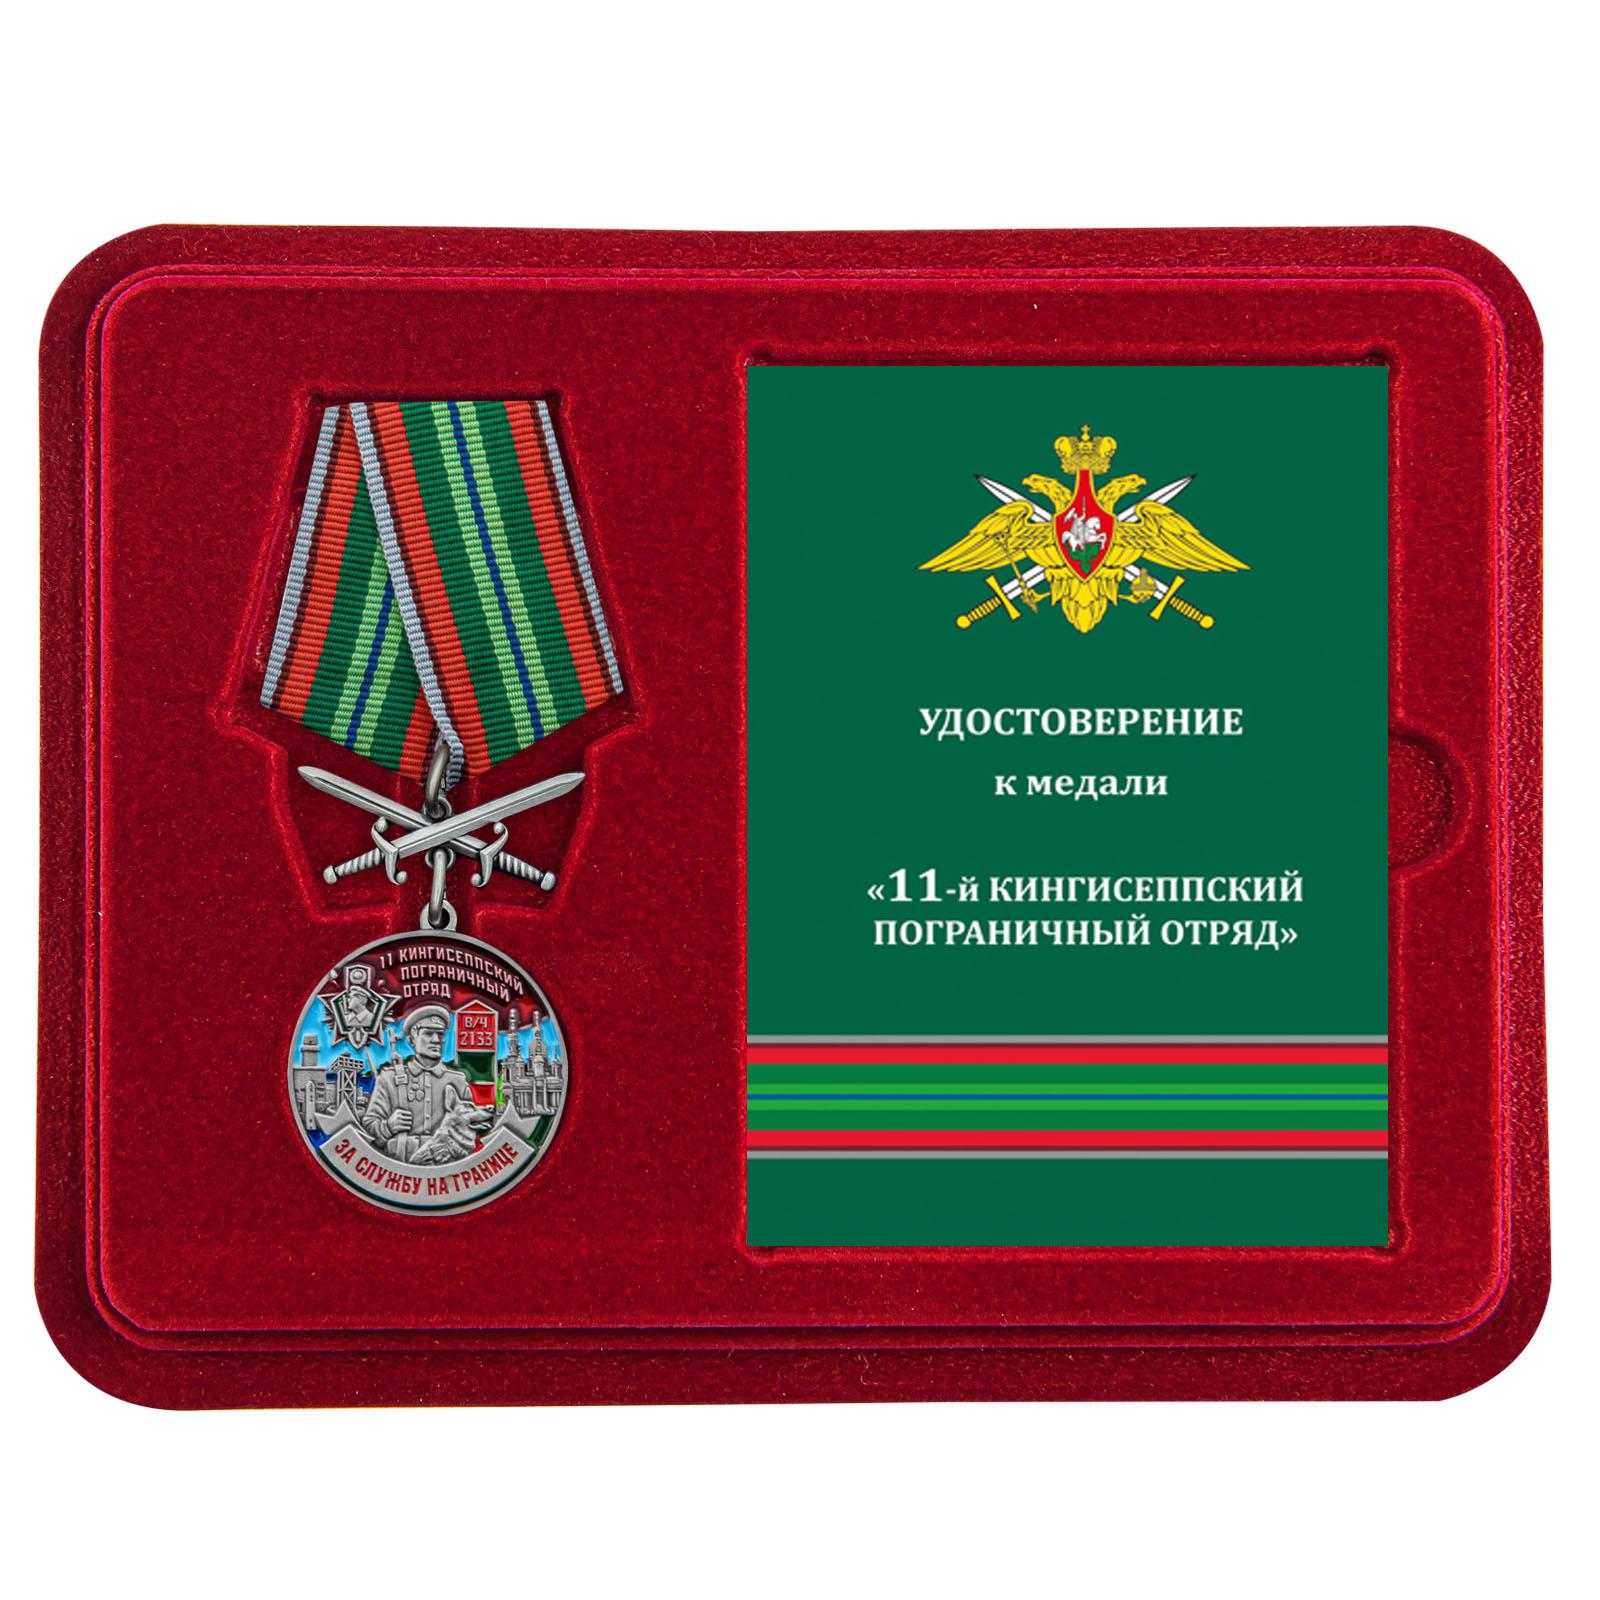 Памятная медаль За службу в Кингисеппском пограничном отряде - в футляре